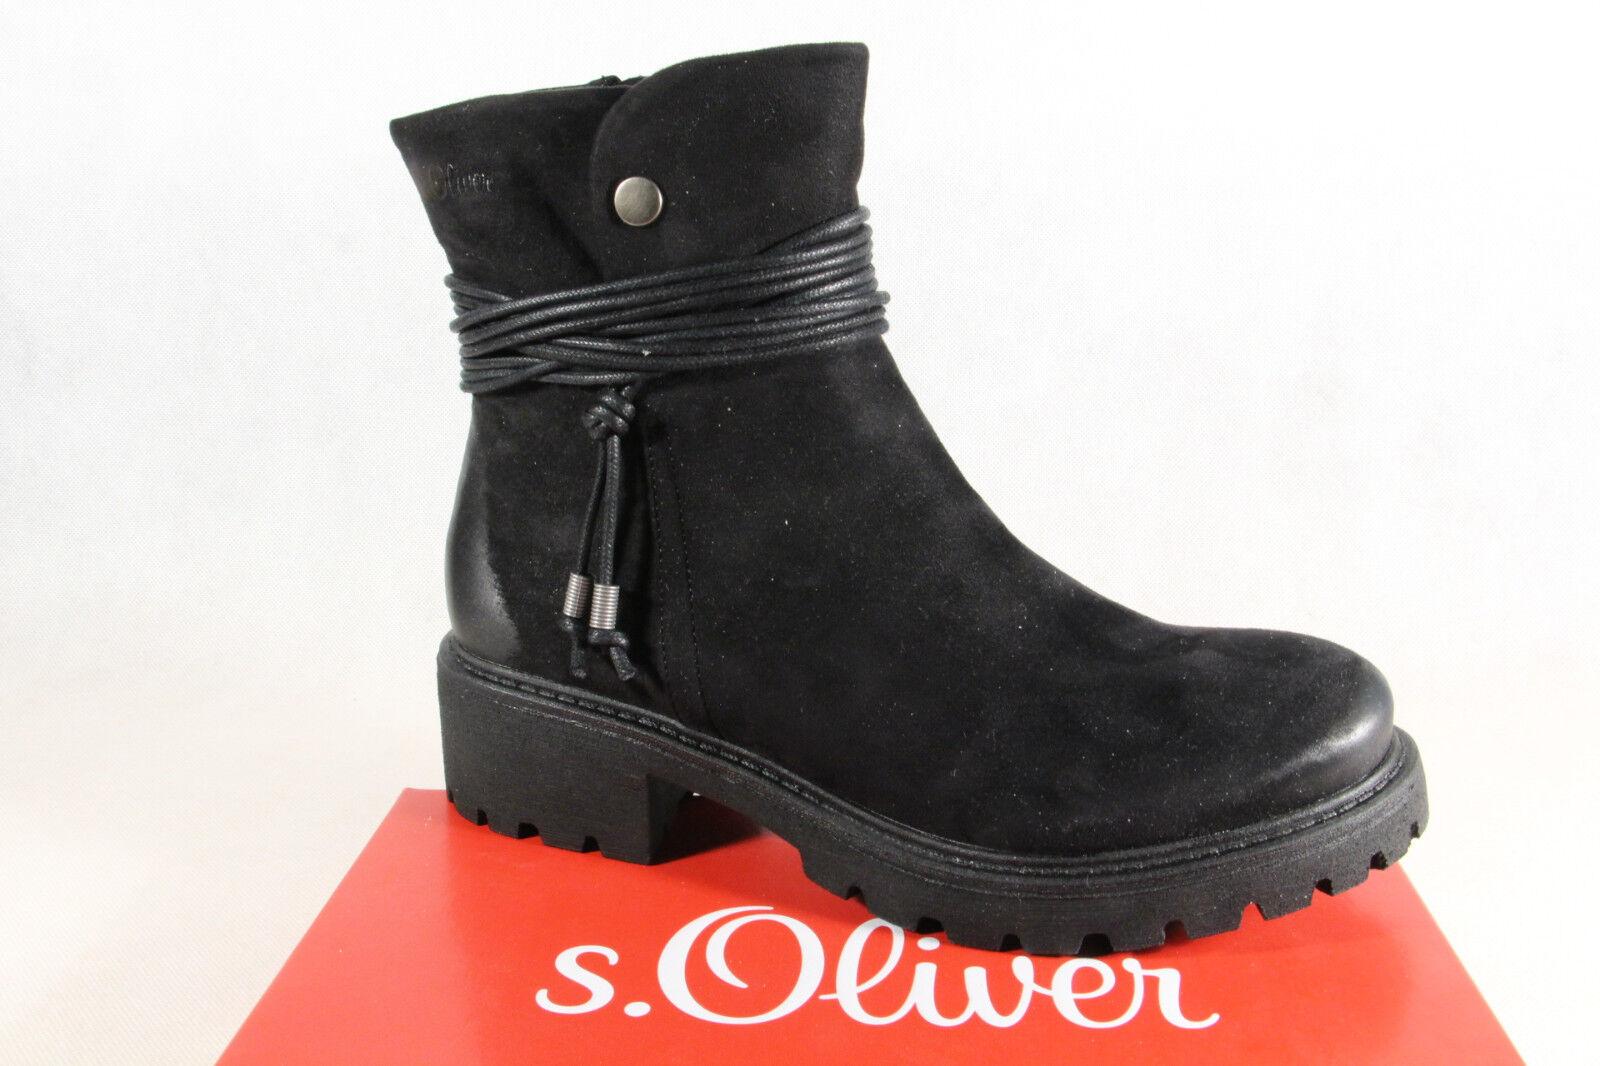 S.Oliver Damen Stiefelette  Stiefel Winterstiefel schwarz mit Reißverschluß  Stiefelette NEU 25fa4b